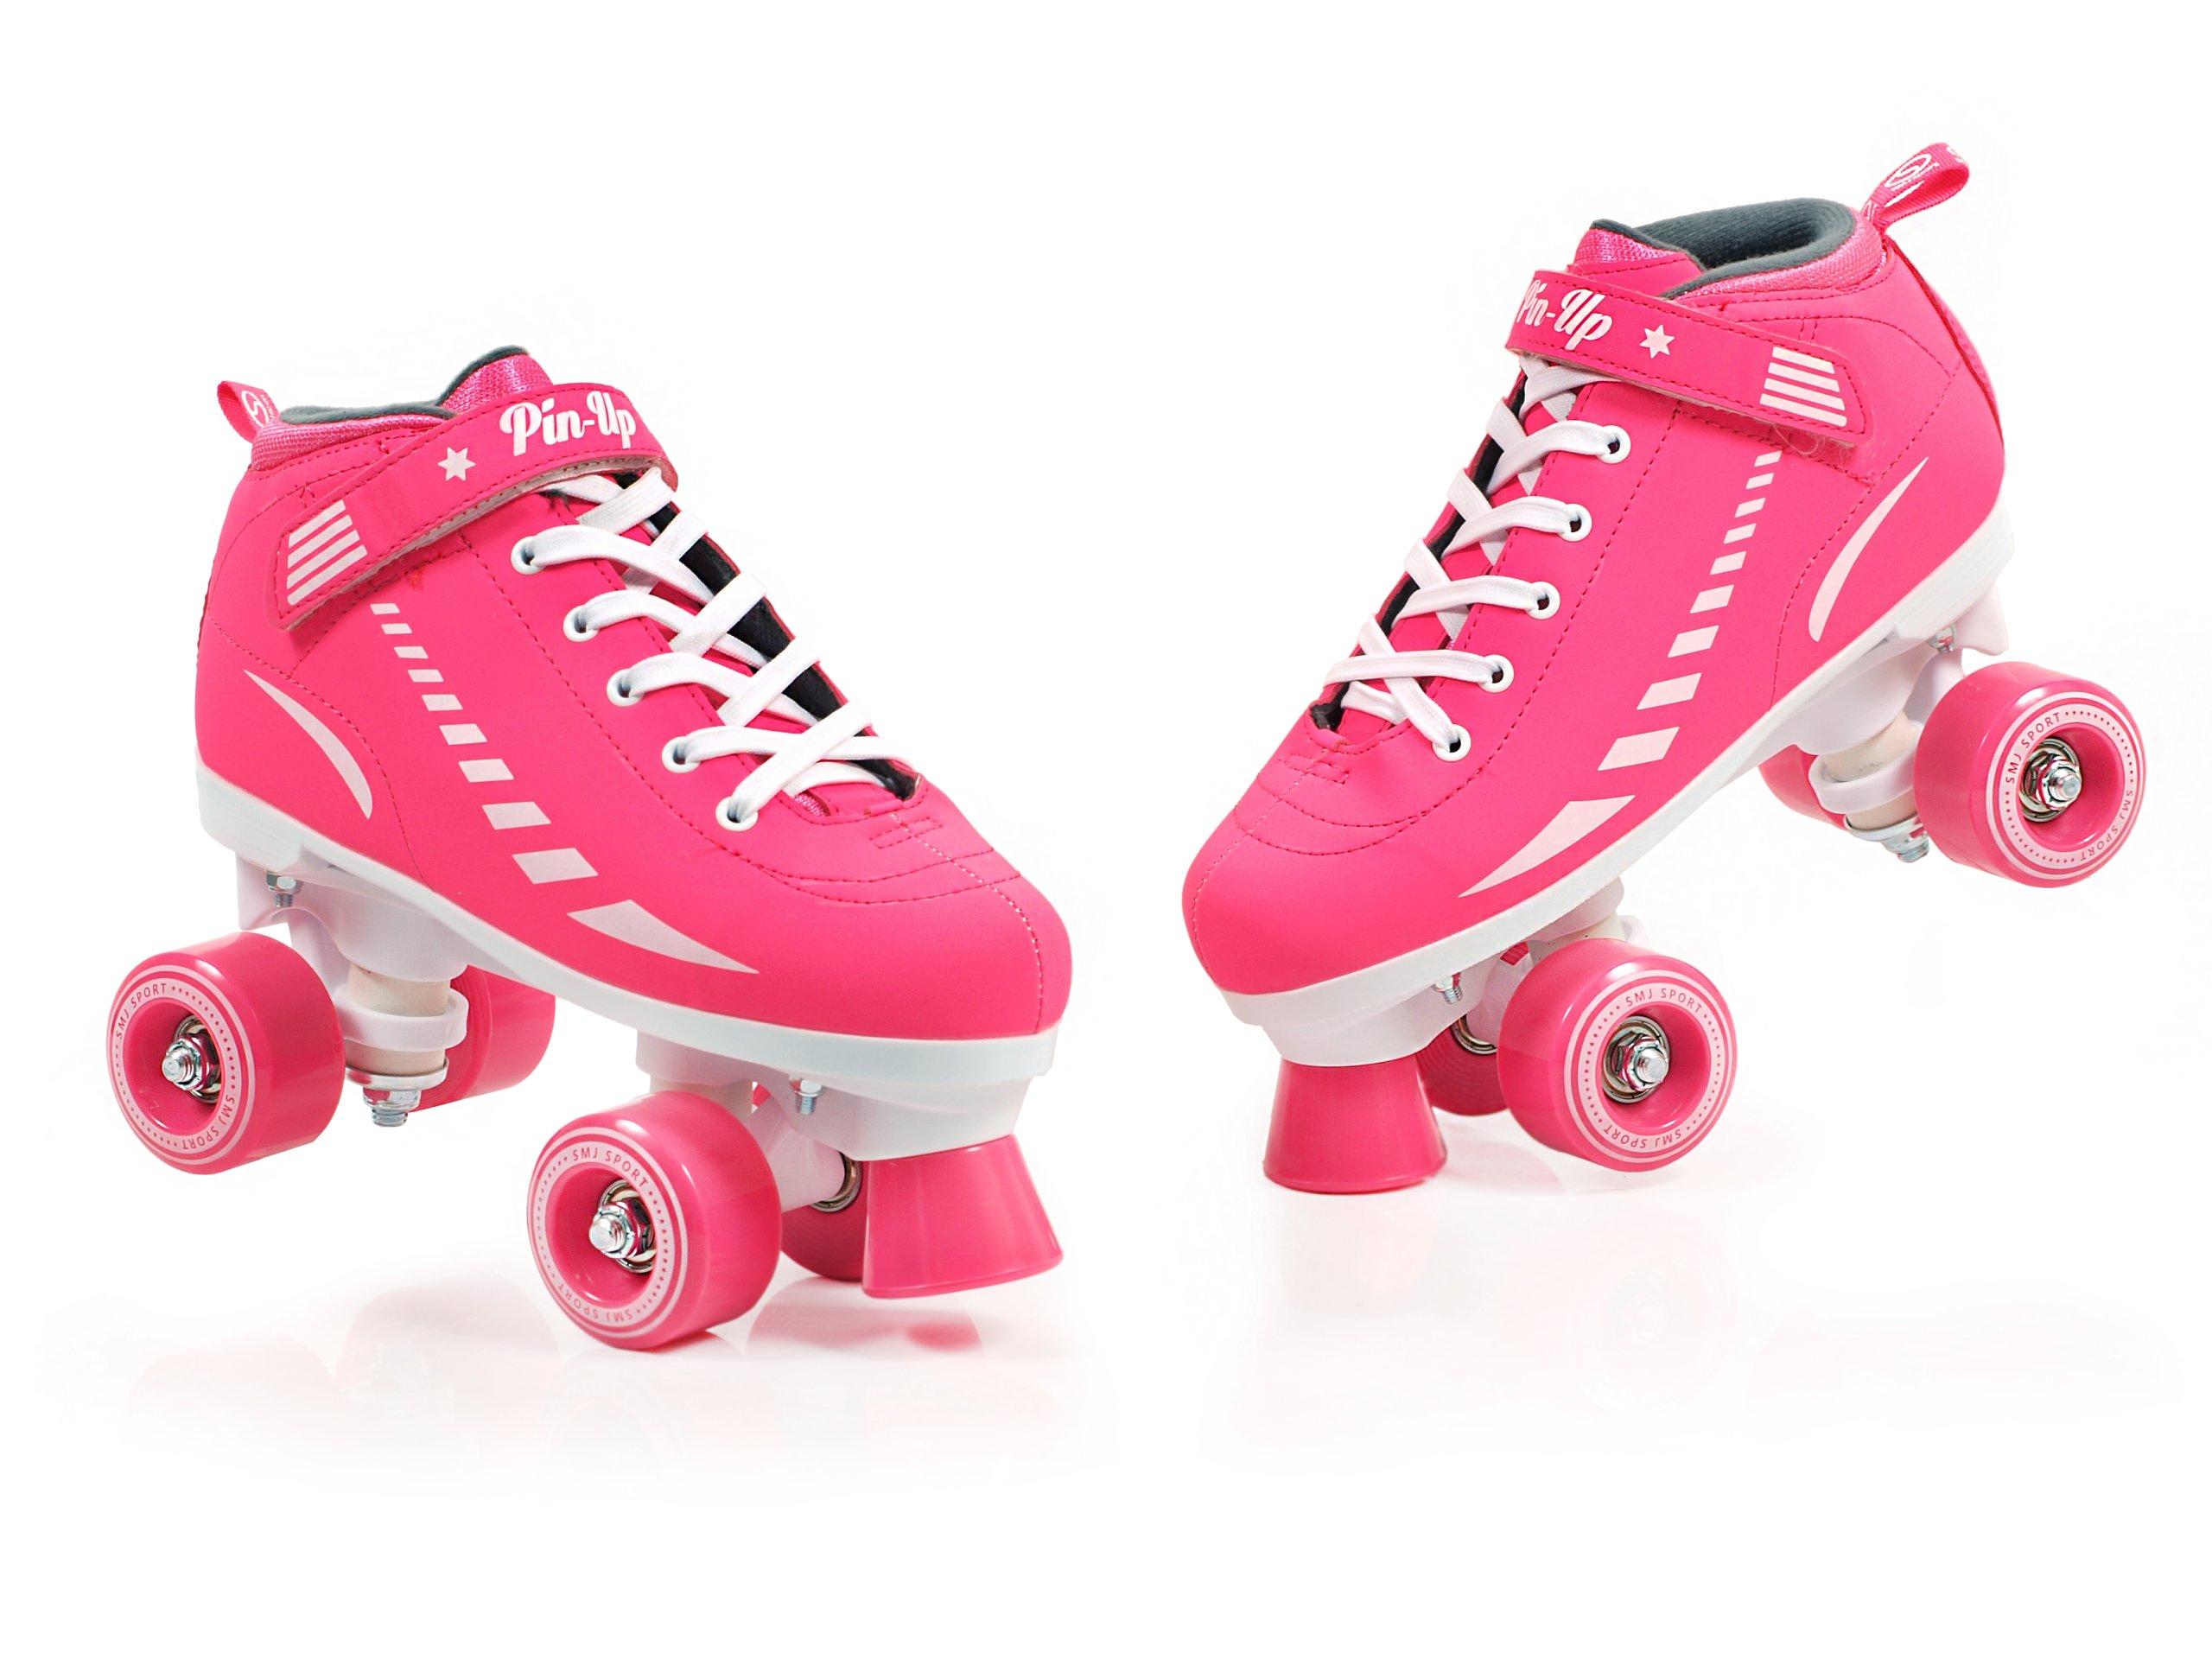 Štýlové ružové pevné kolieskové korčule 36 Sport PIN-UP PROM